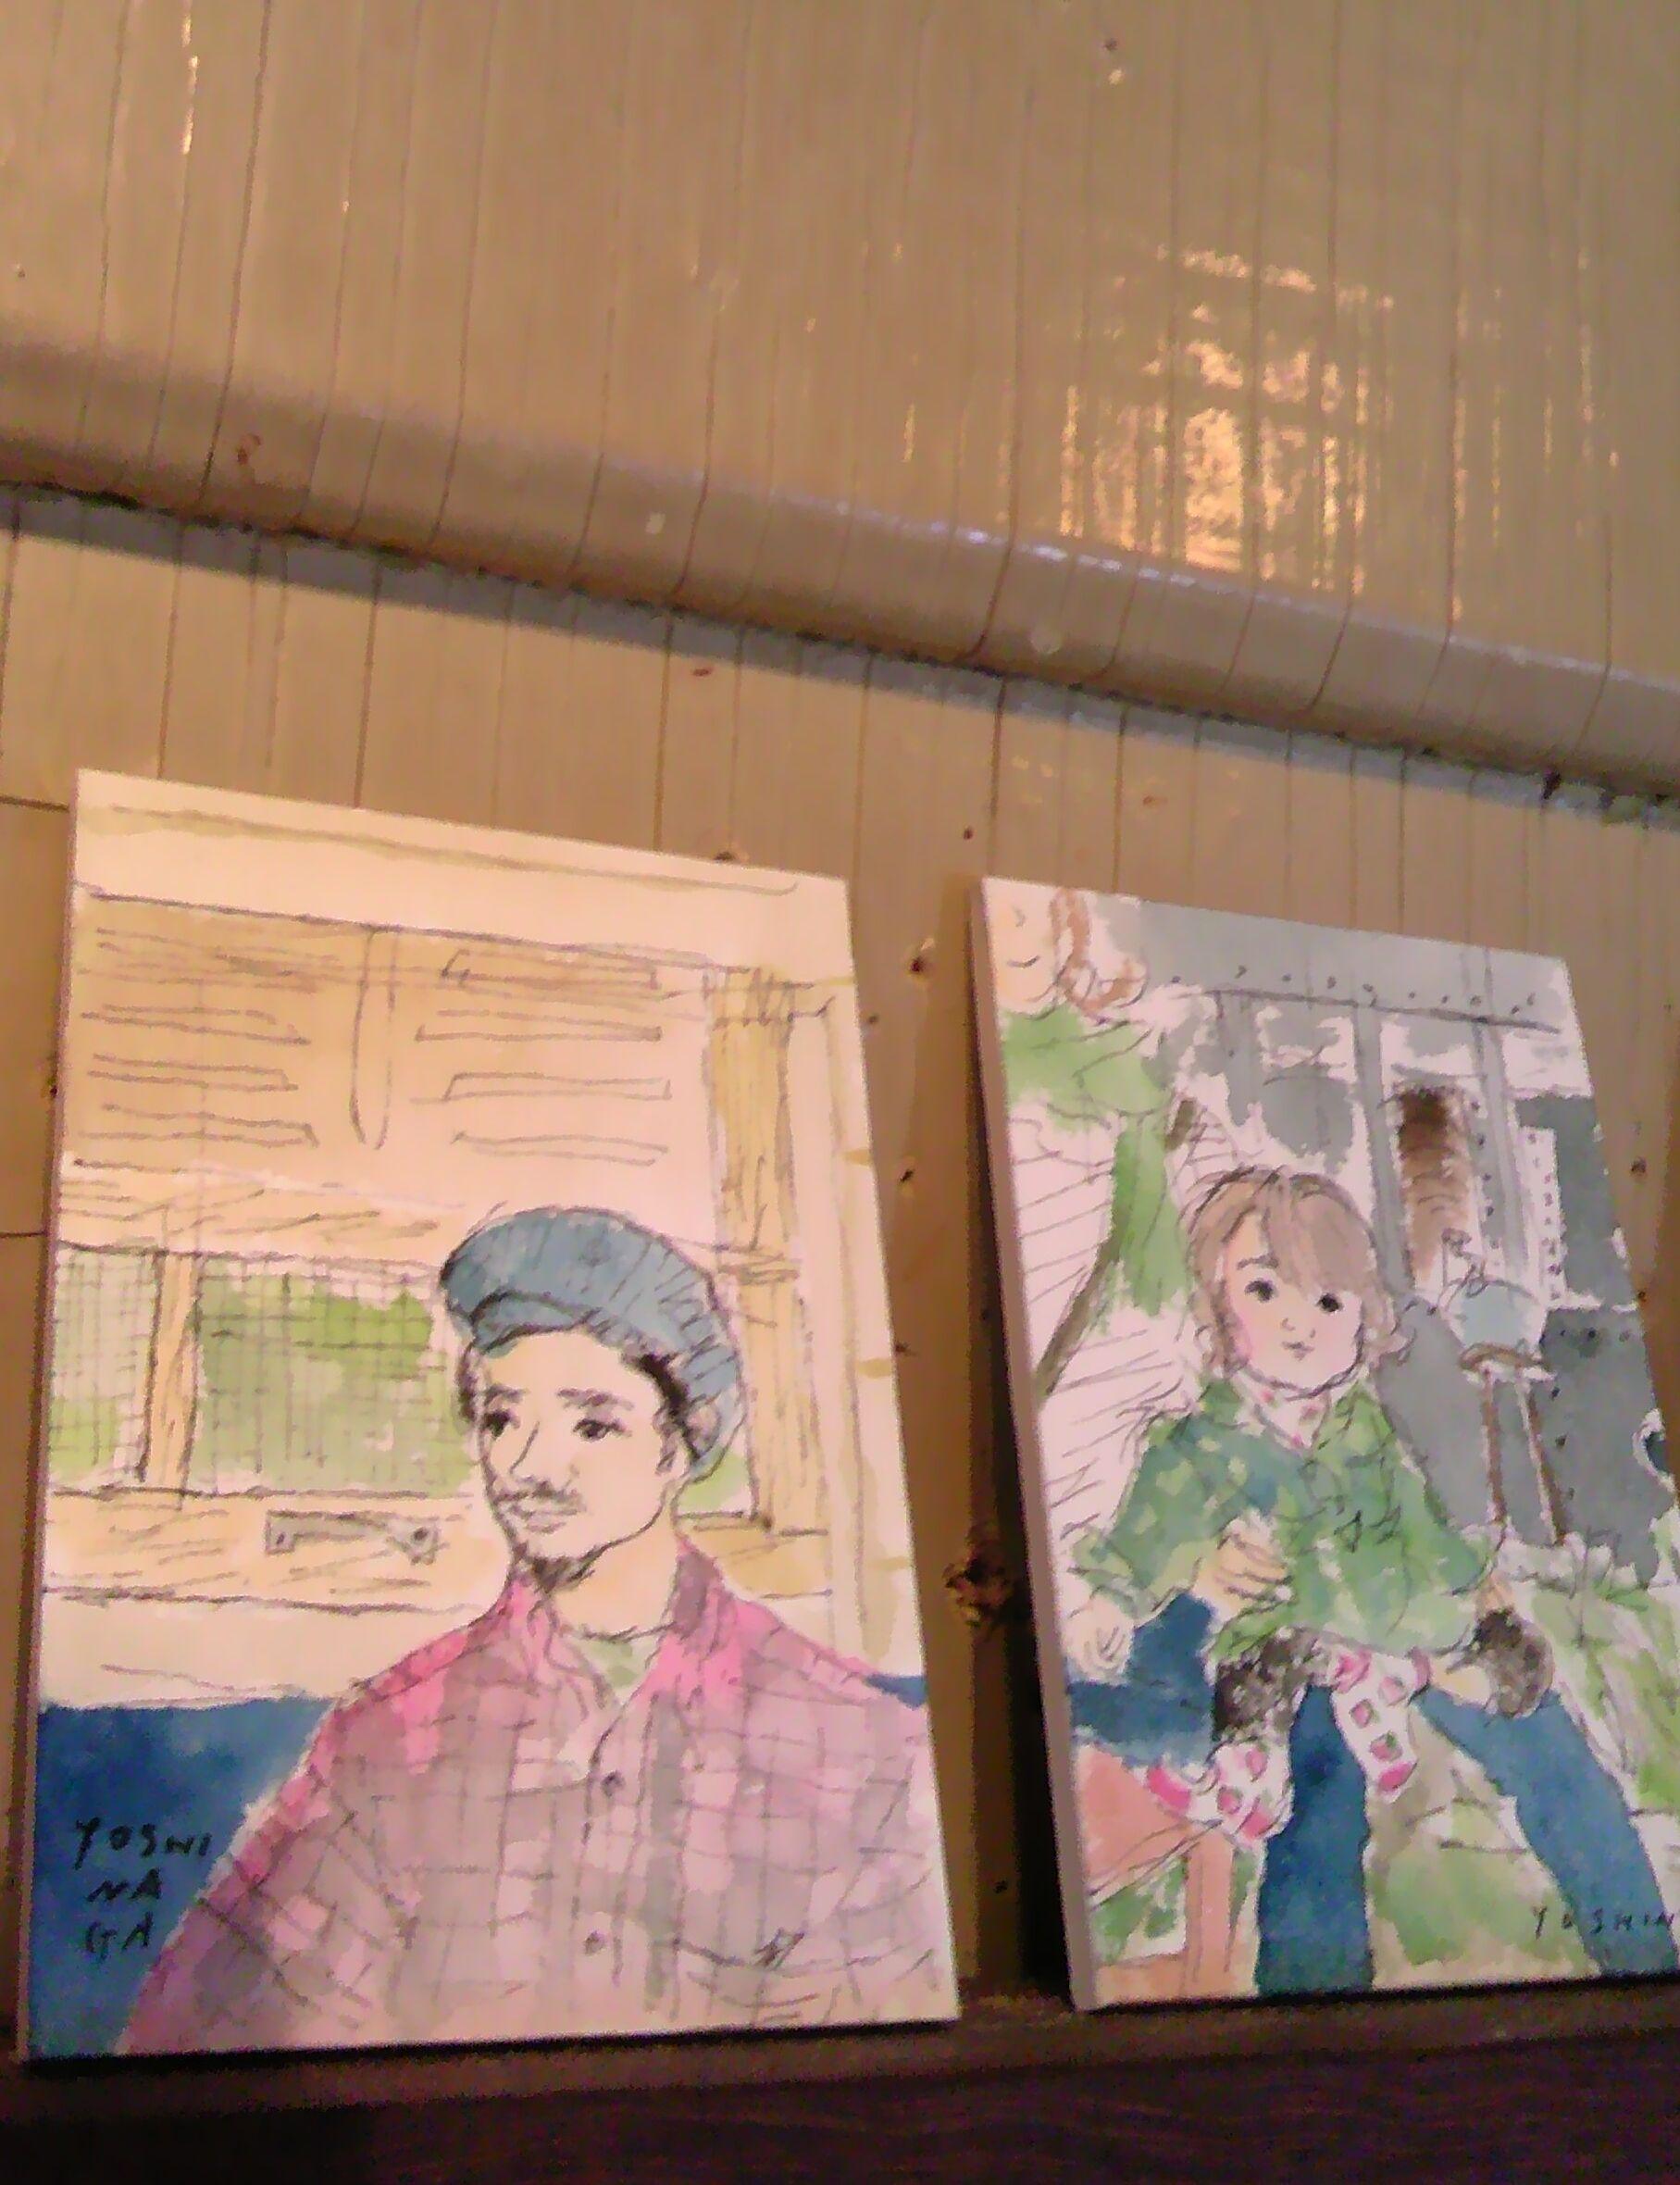 10月27日(土)の似車絵&サイレント貨車報告_a0213316_18215291.jpg